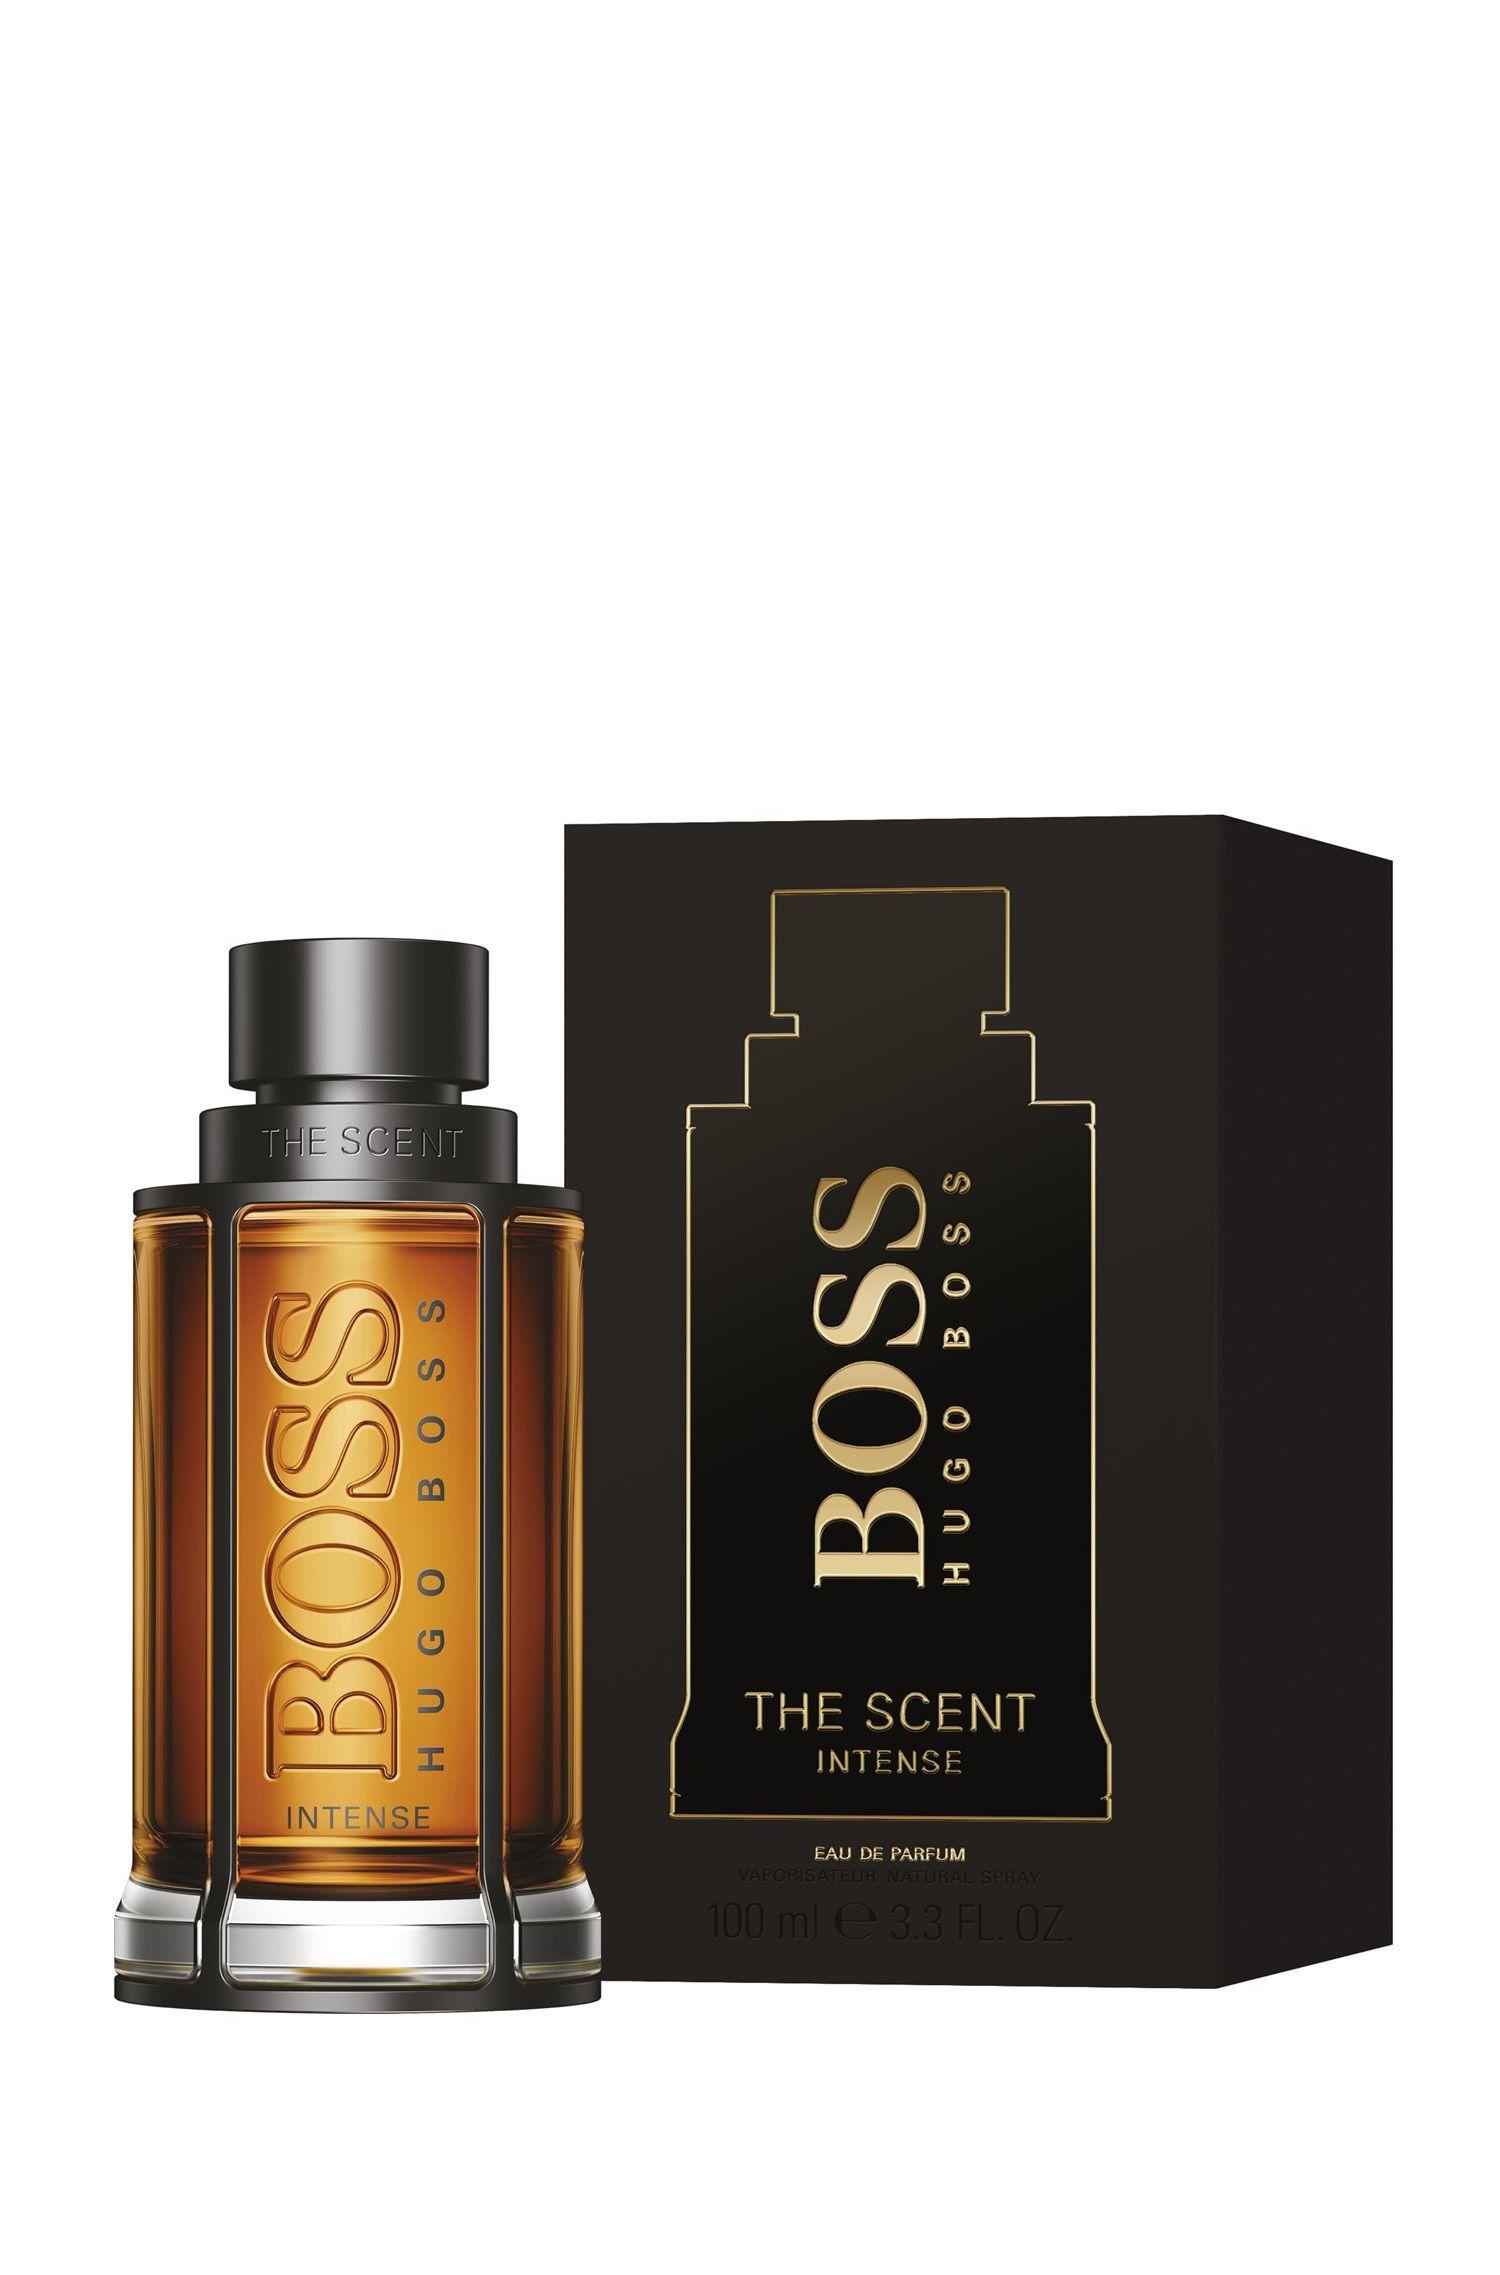 BOSS The Scent Intense for Him eau de parfum 100 ml